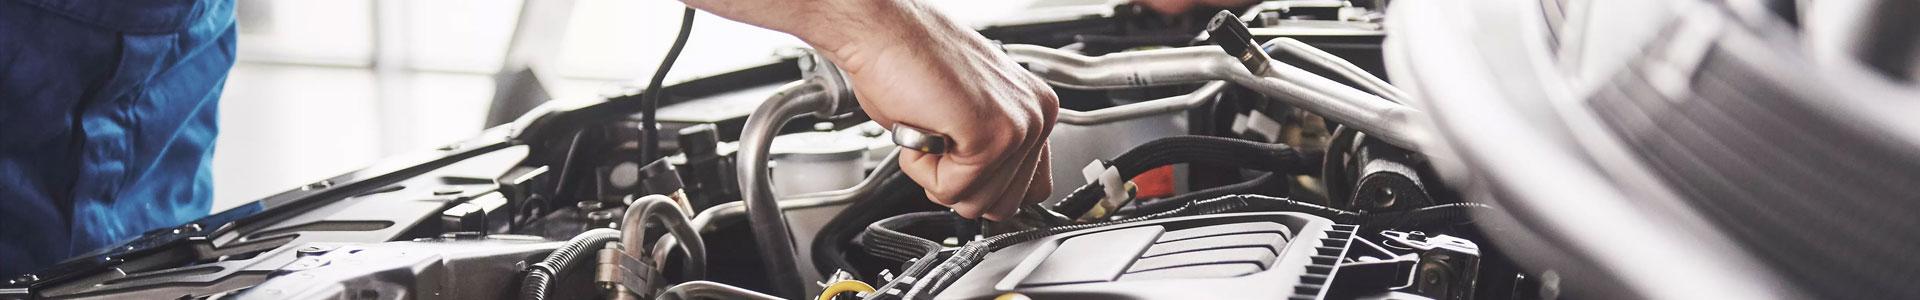 ремонт дизельного двигателя цена